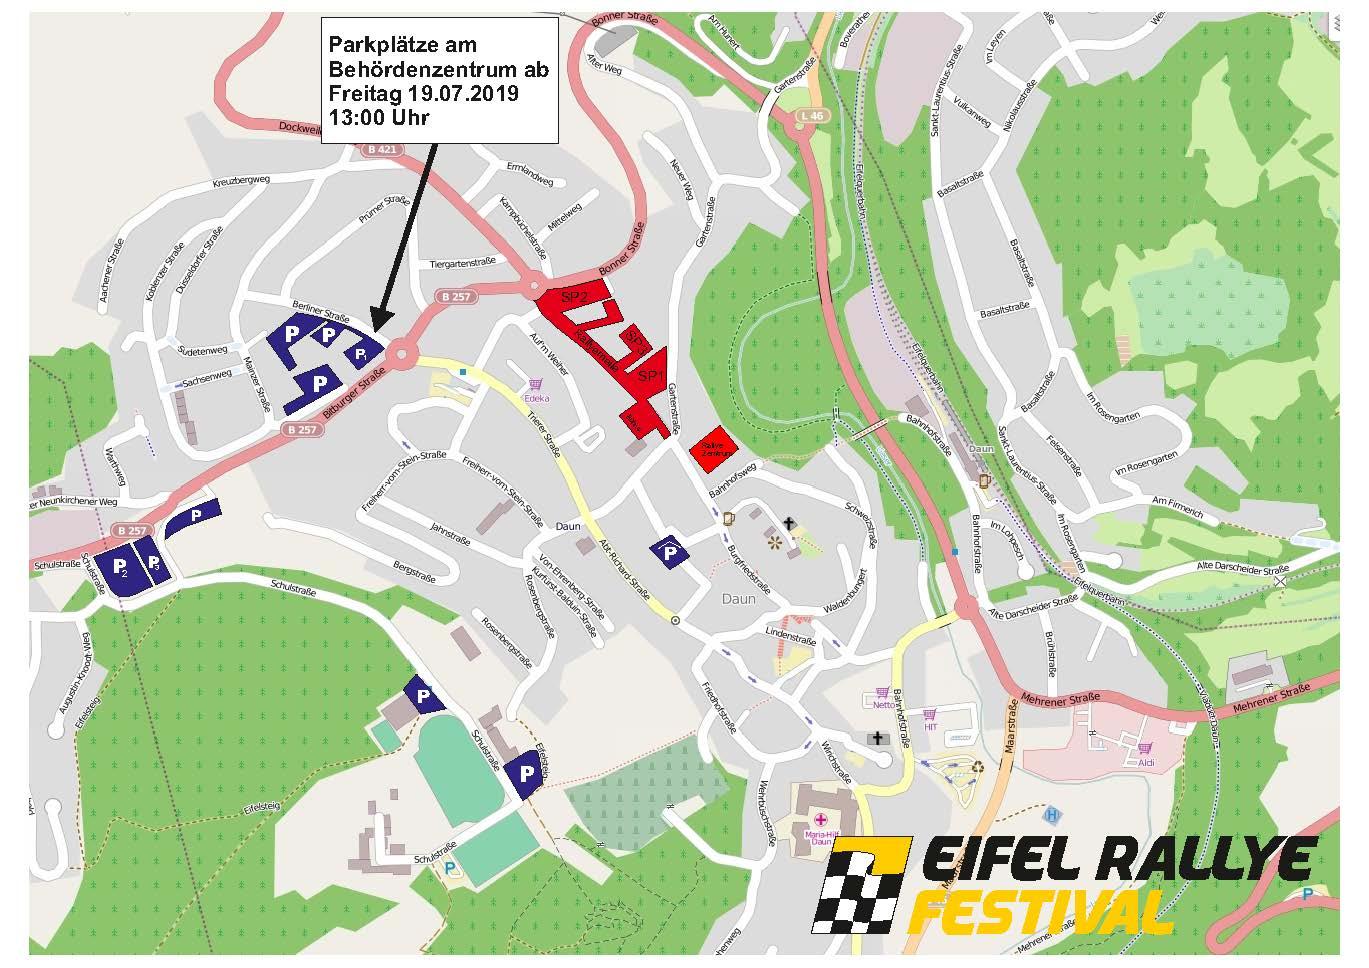 Eifel Karte Pdf.Downloads Eifel Rallye Festival